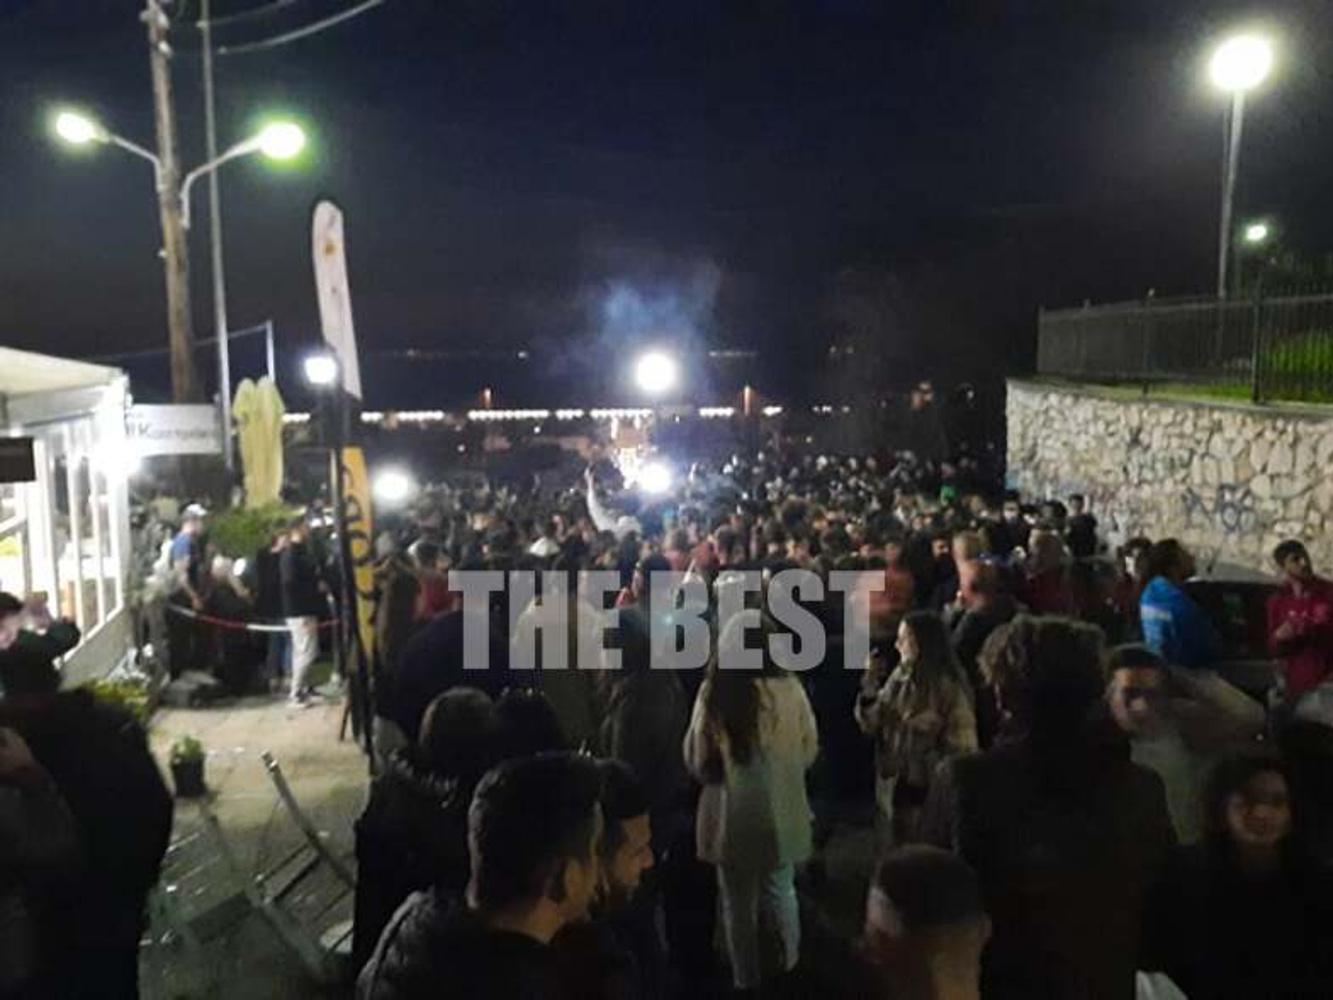 Πάτρα: Τρελό πάρτι σε κεντρικά σημεία της πόλης – Ο ένας πάνω στον άλλον